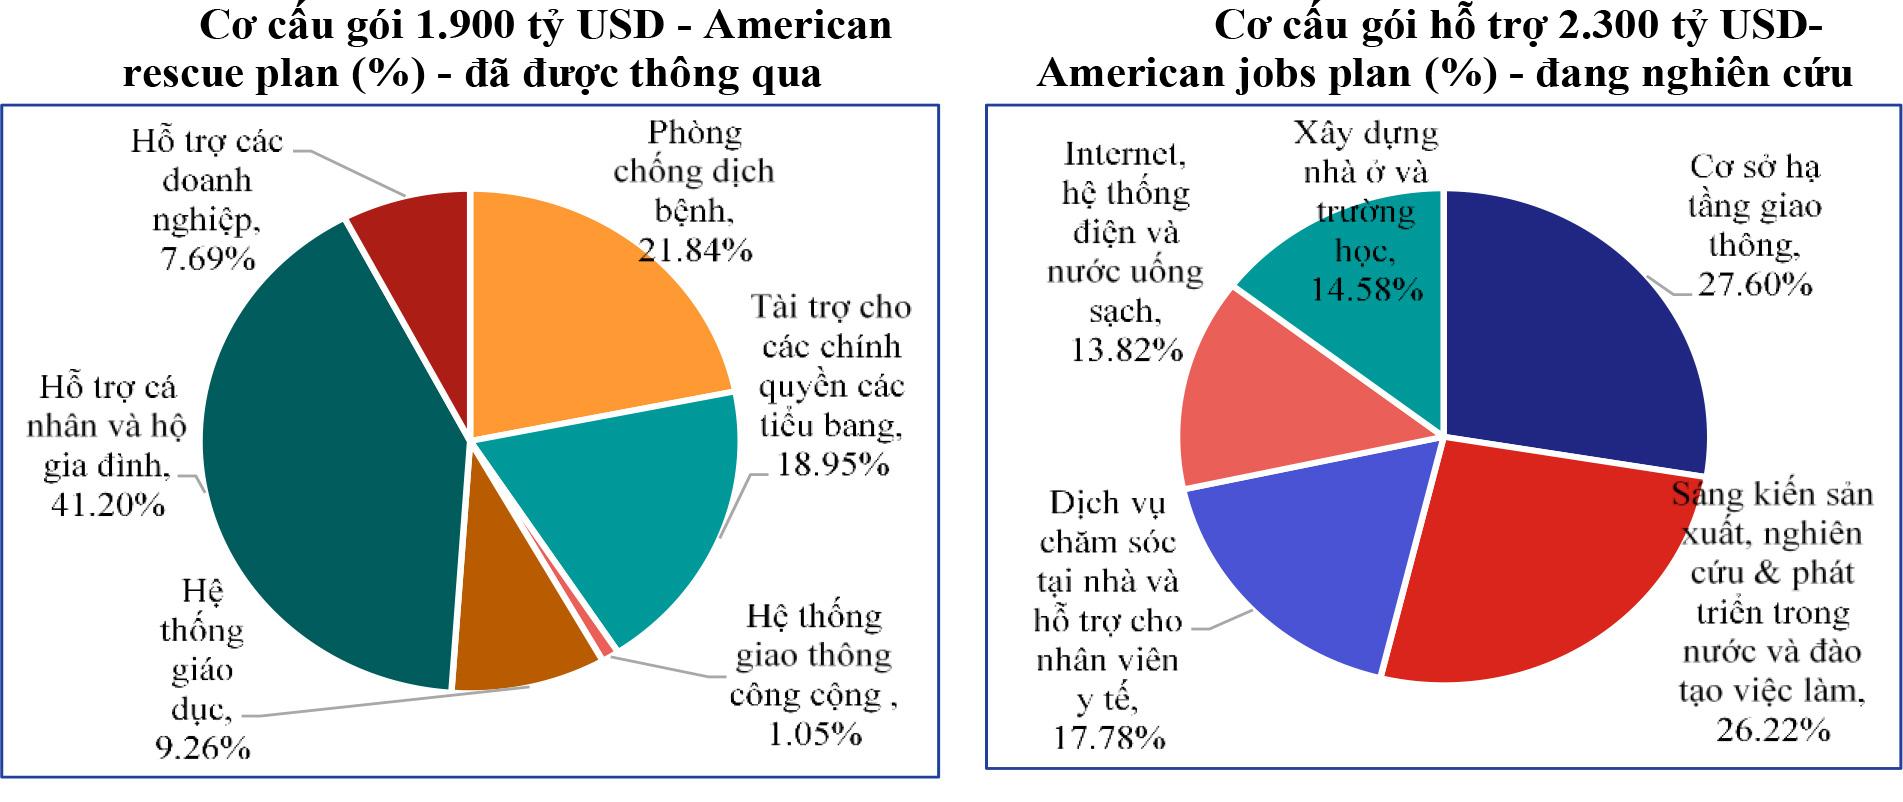 Cơ hội cho Việt Nam từ các gói hỗ trợ kinh tế của Mỹ - Ảnh 1.